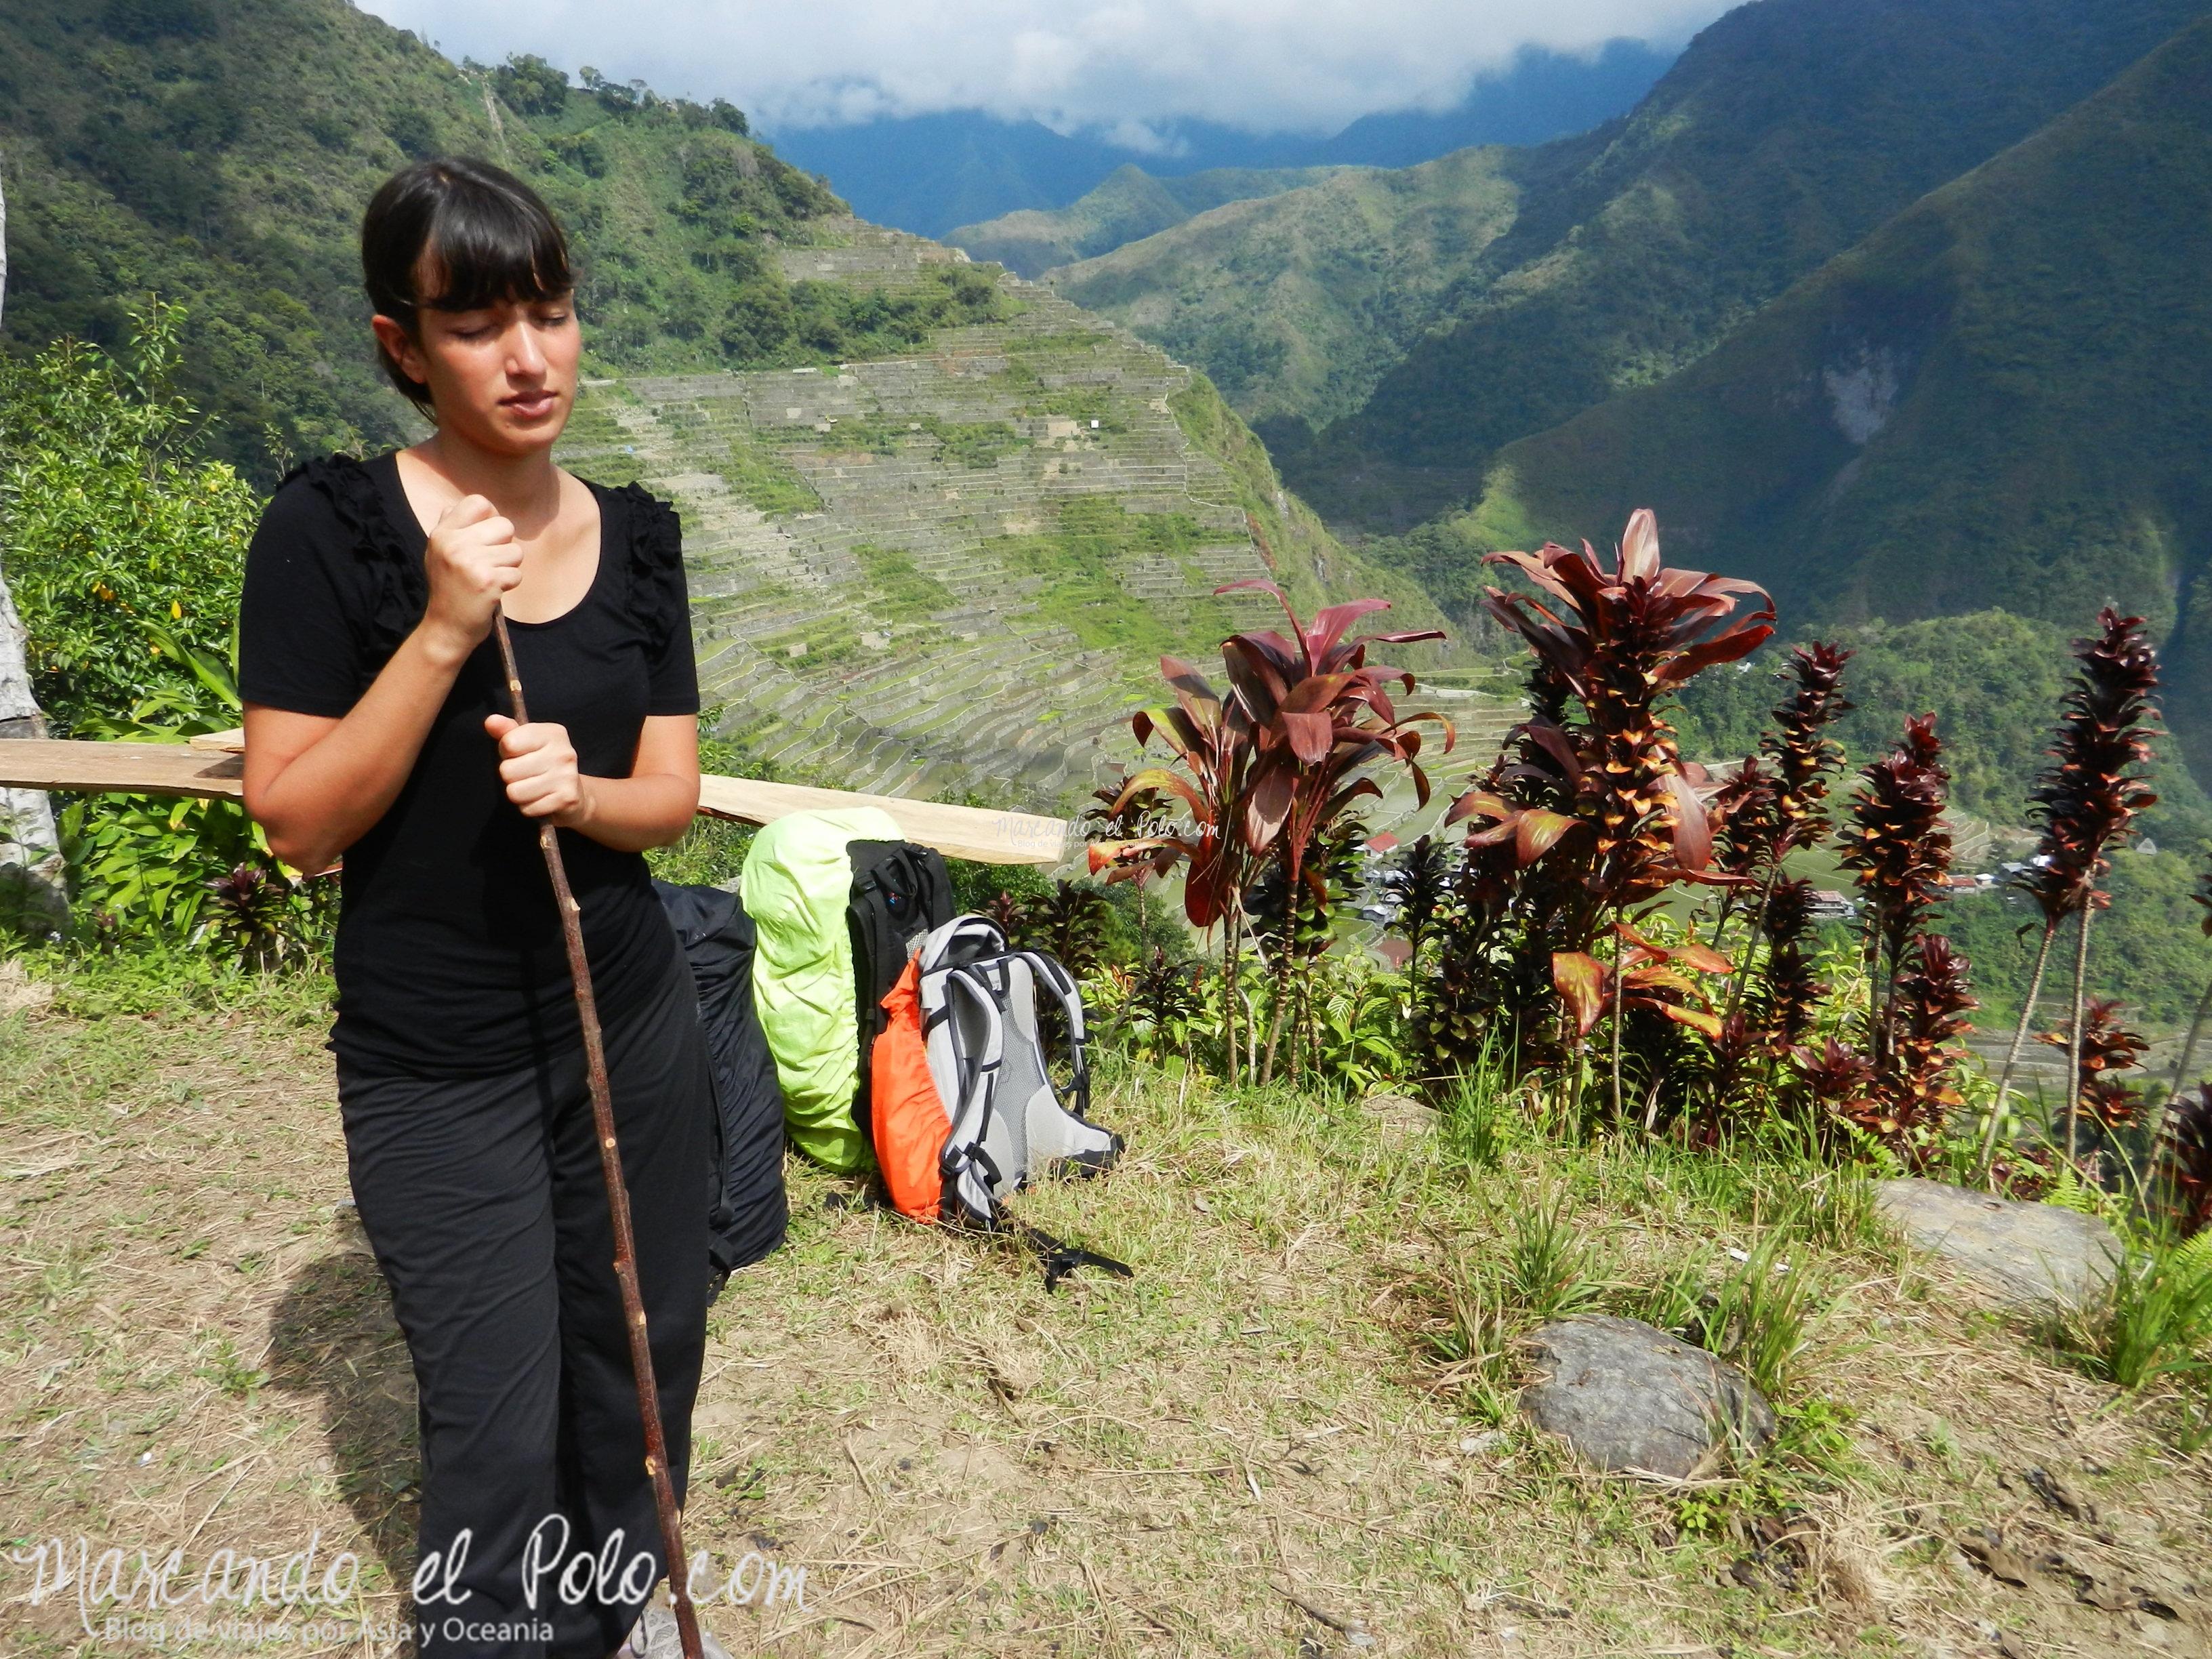 Terrazas de arroz filipinas: Saliendo de Batad a ciegas.